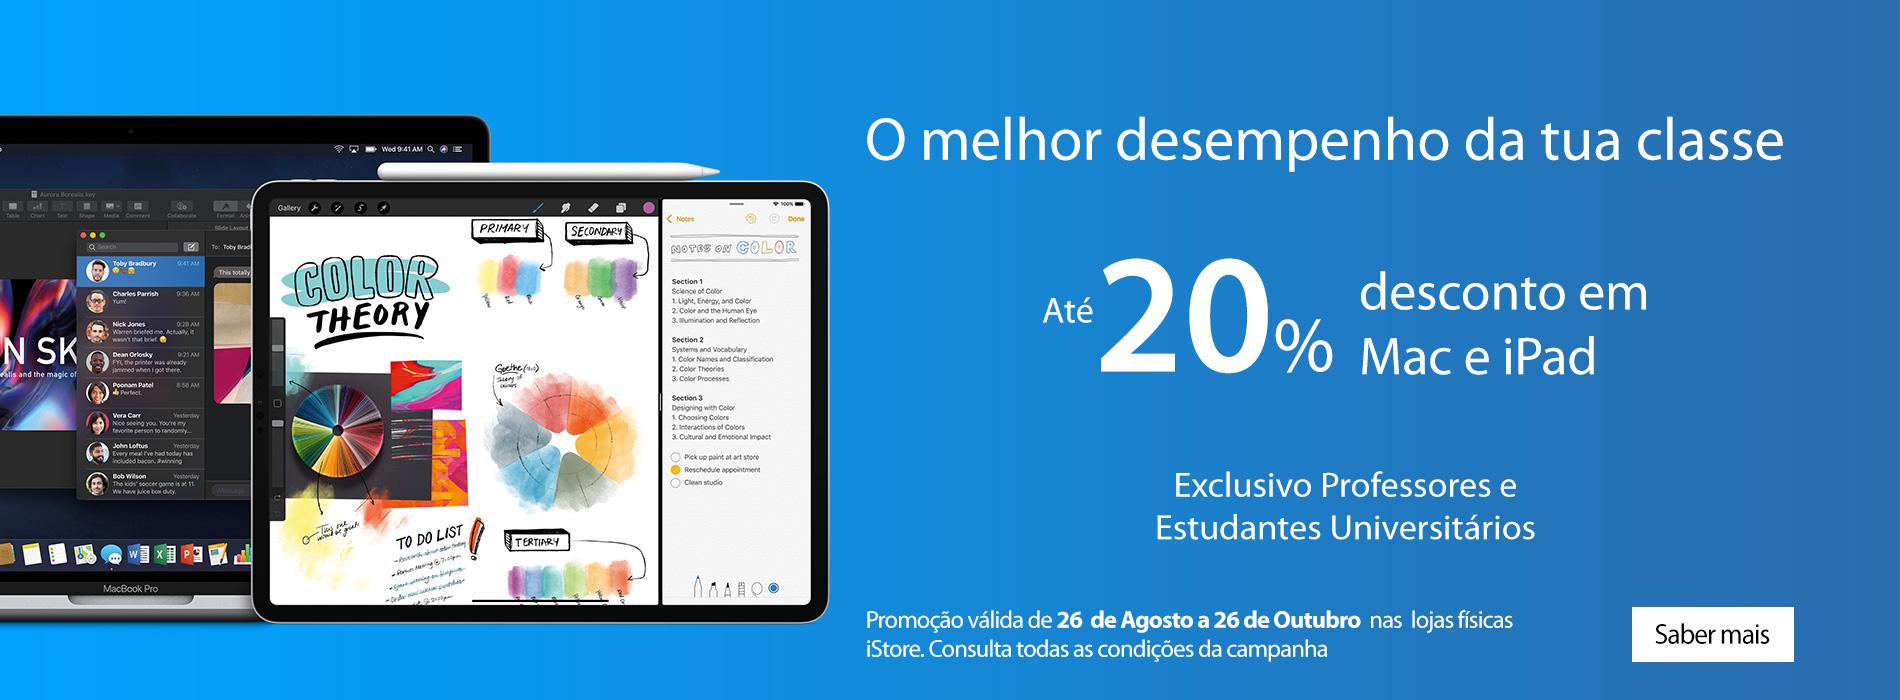 Homepage Slideshow - Campanha Regresso às Aulas 2019